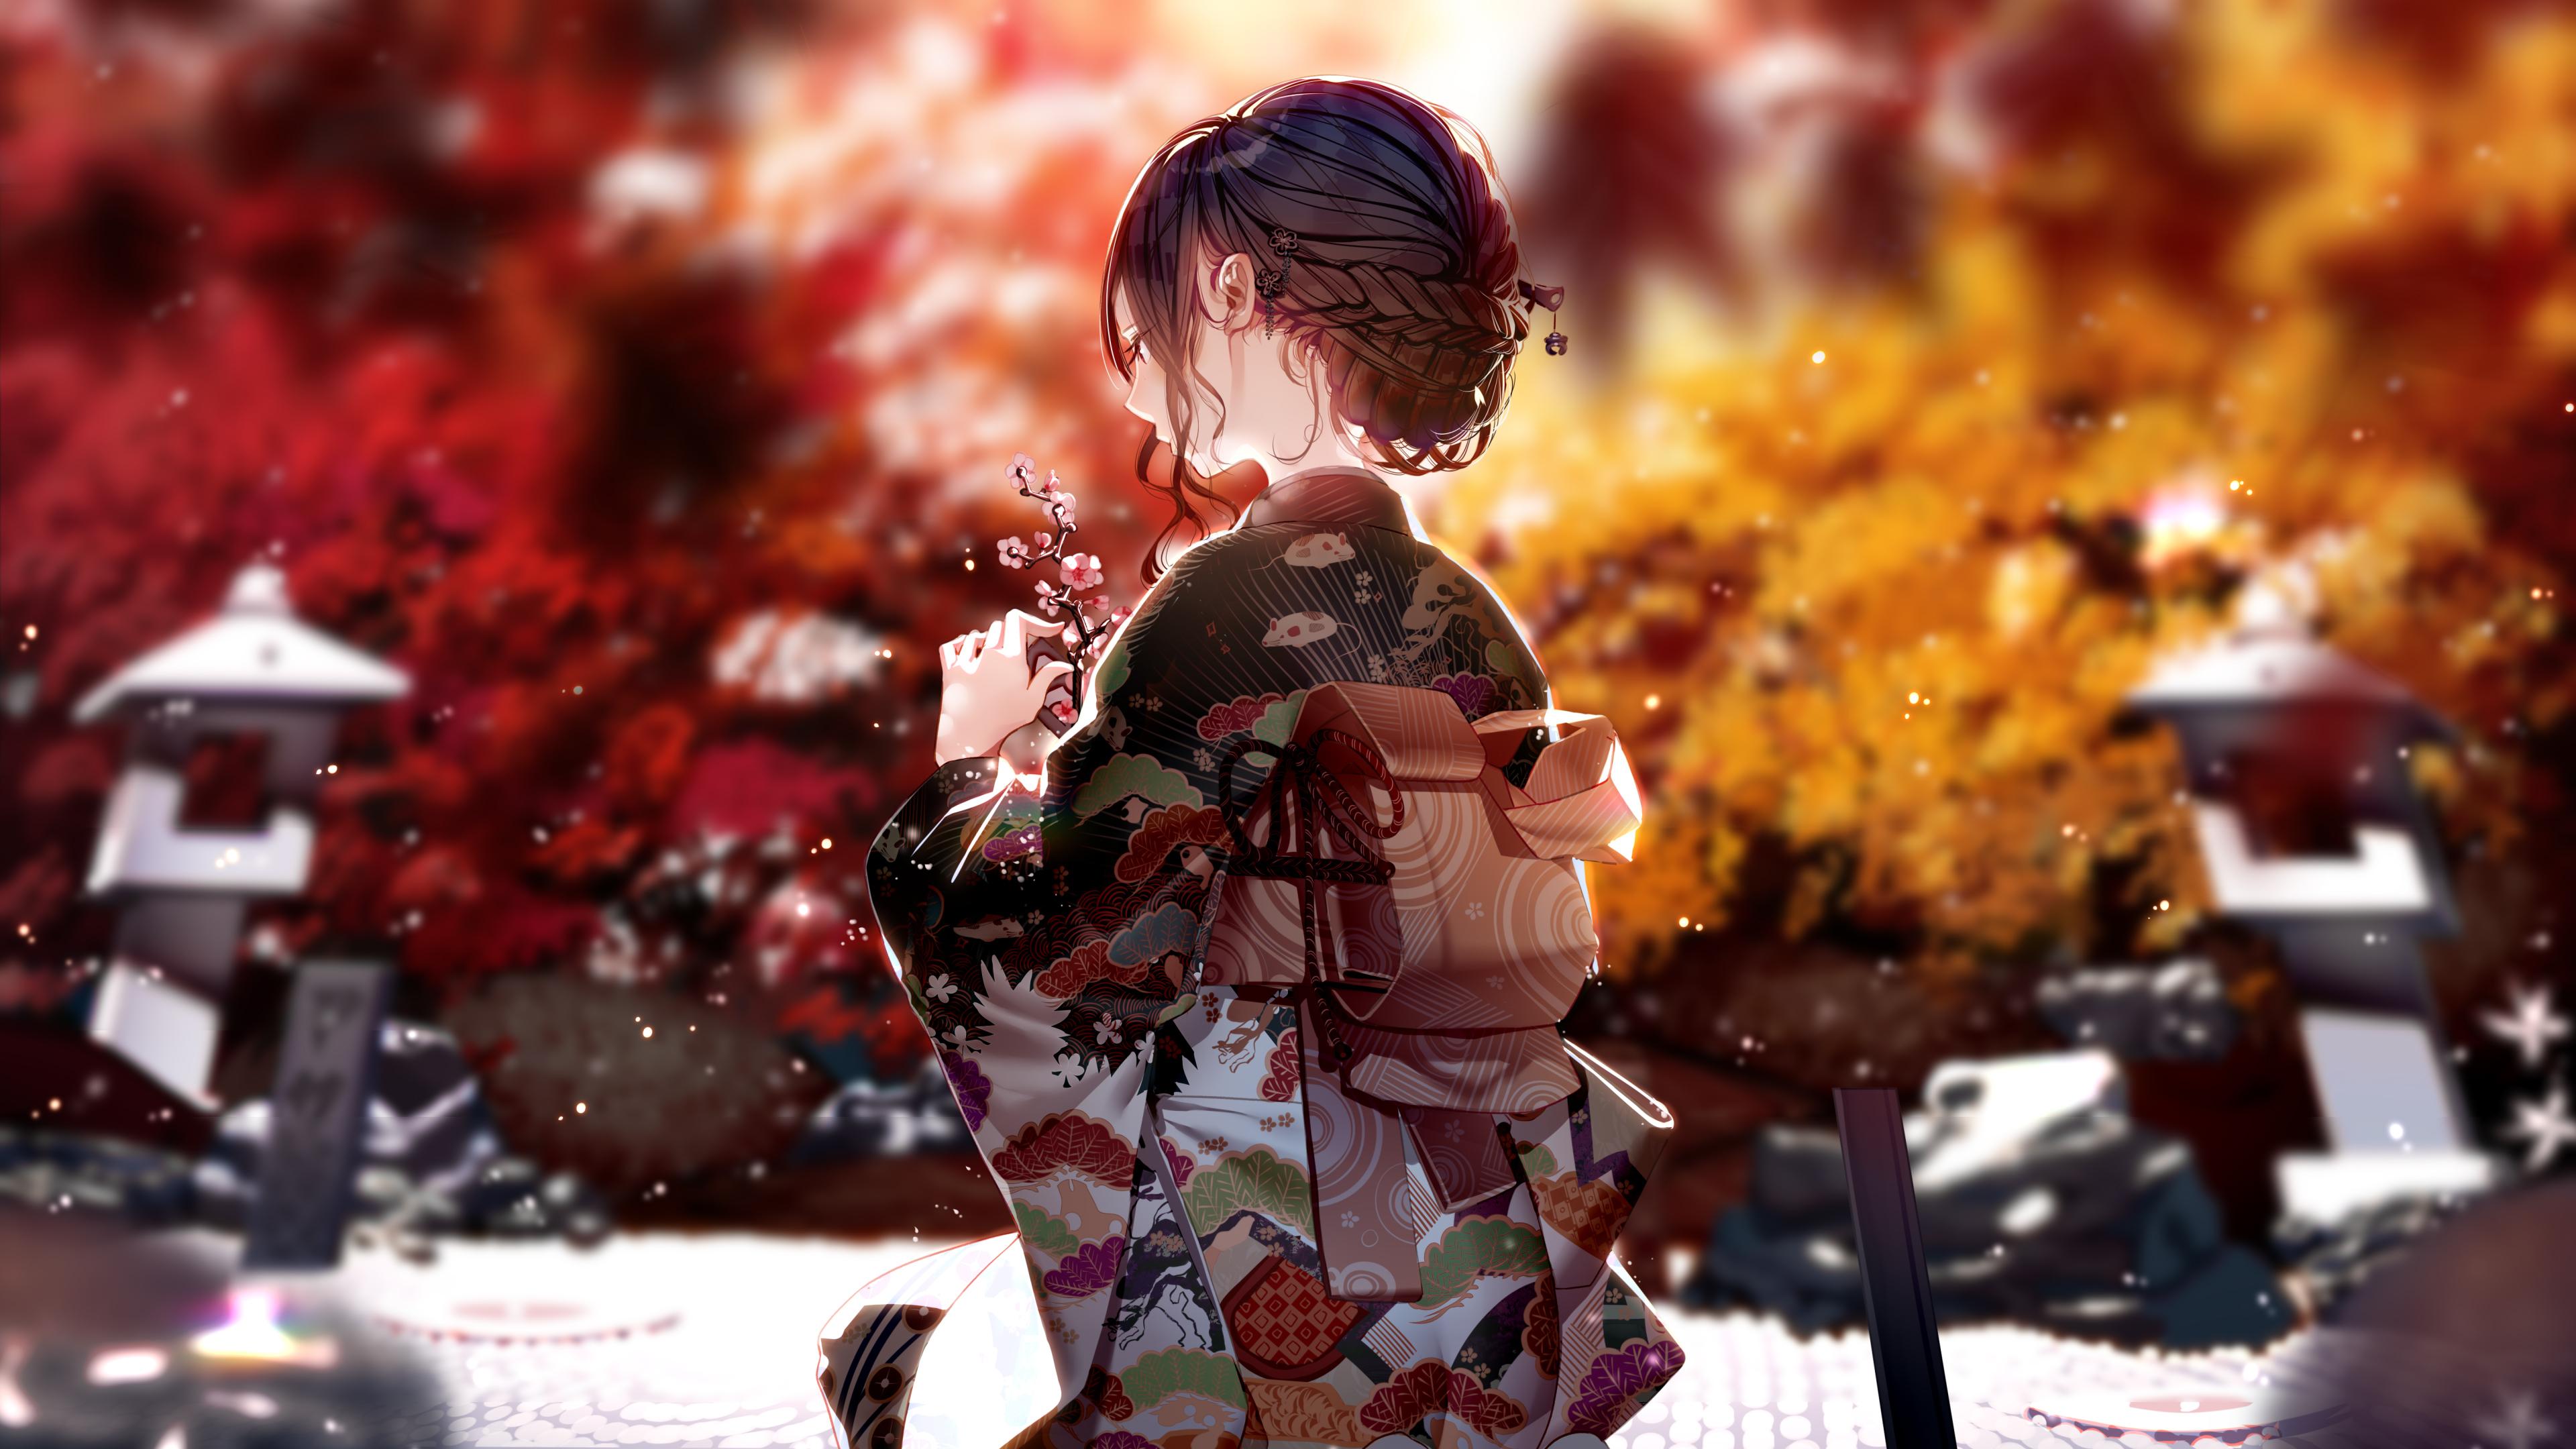 Kimono Dress Anime Girl 4k, HD Anime, 4k Wallpapers ...